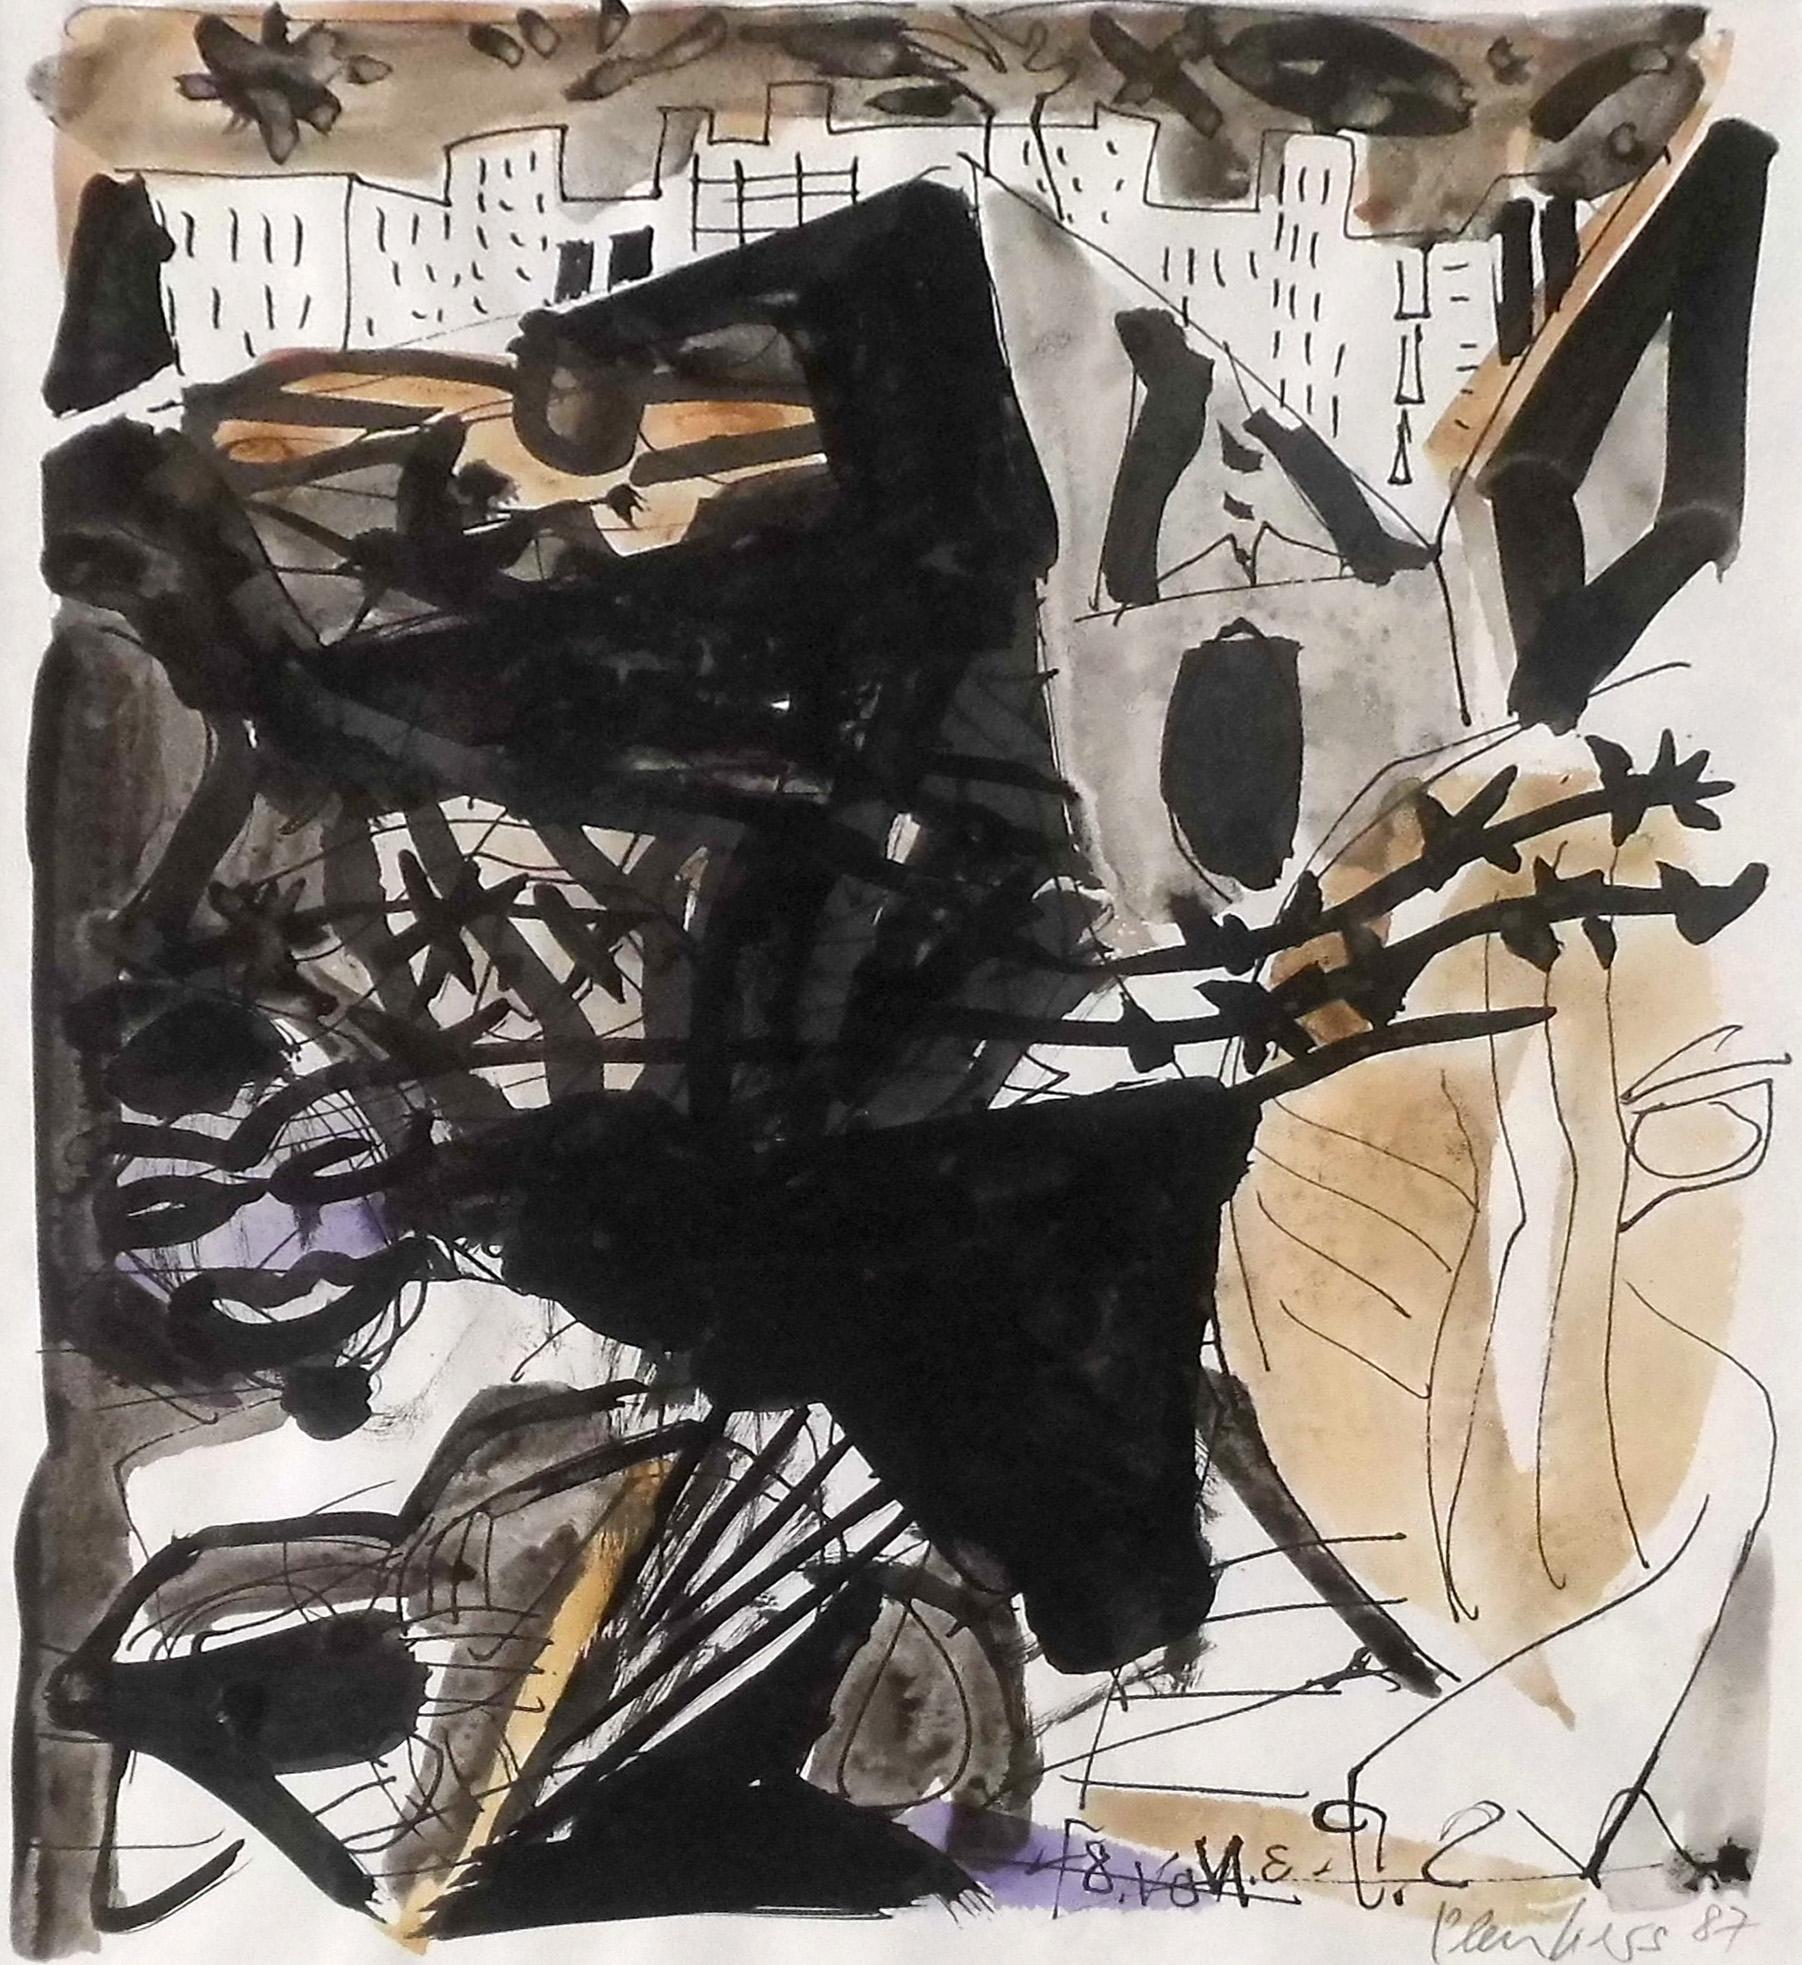 15-stefan_plenkers-aus_der_serie_chronika-1987-farbige_tuschen_auf_zeichnung-38x28